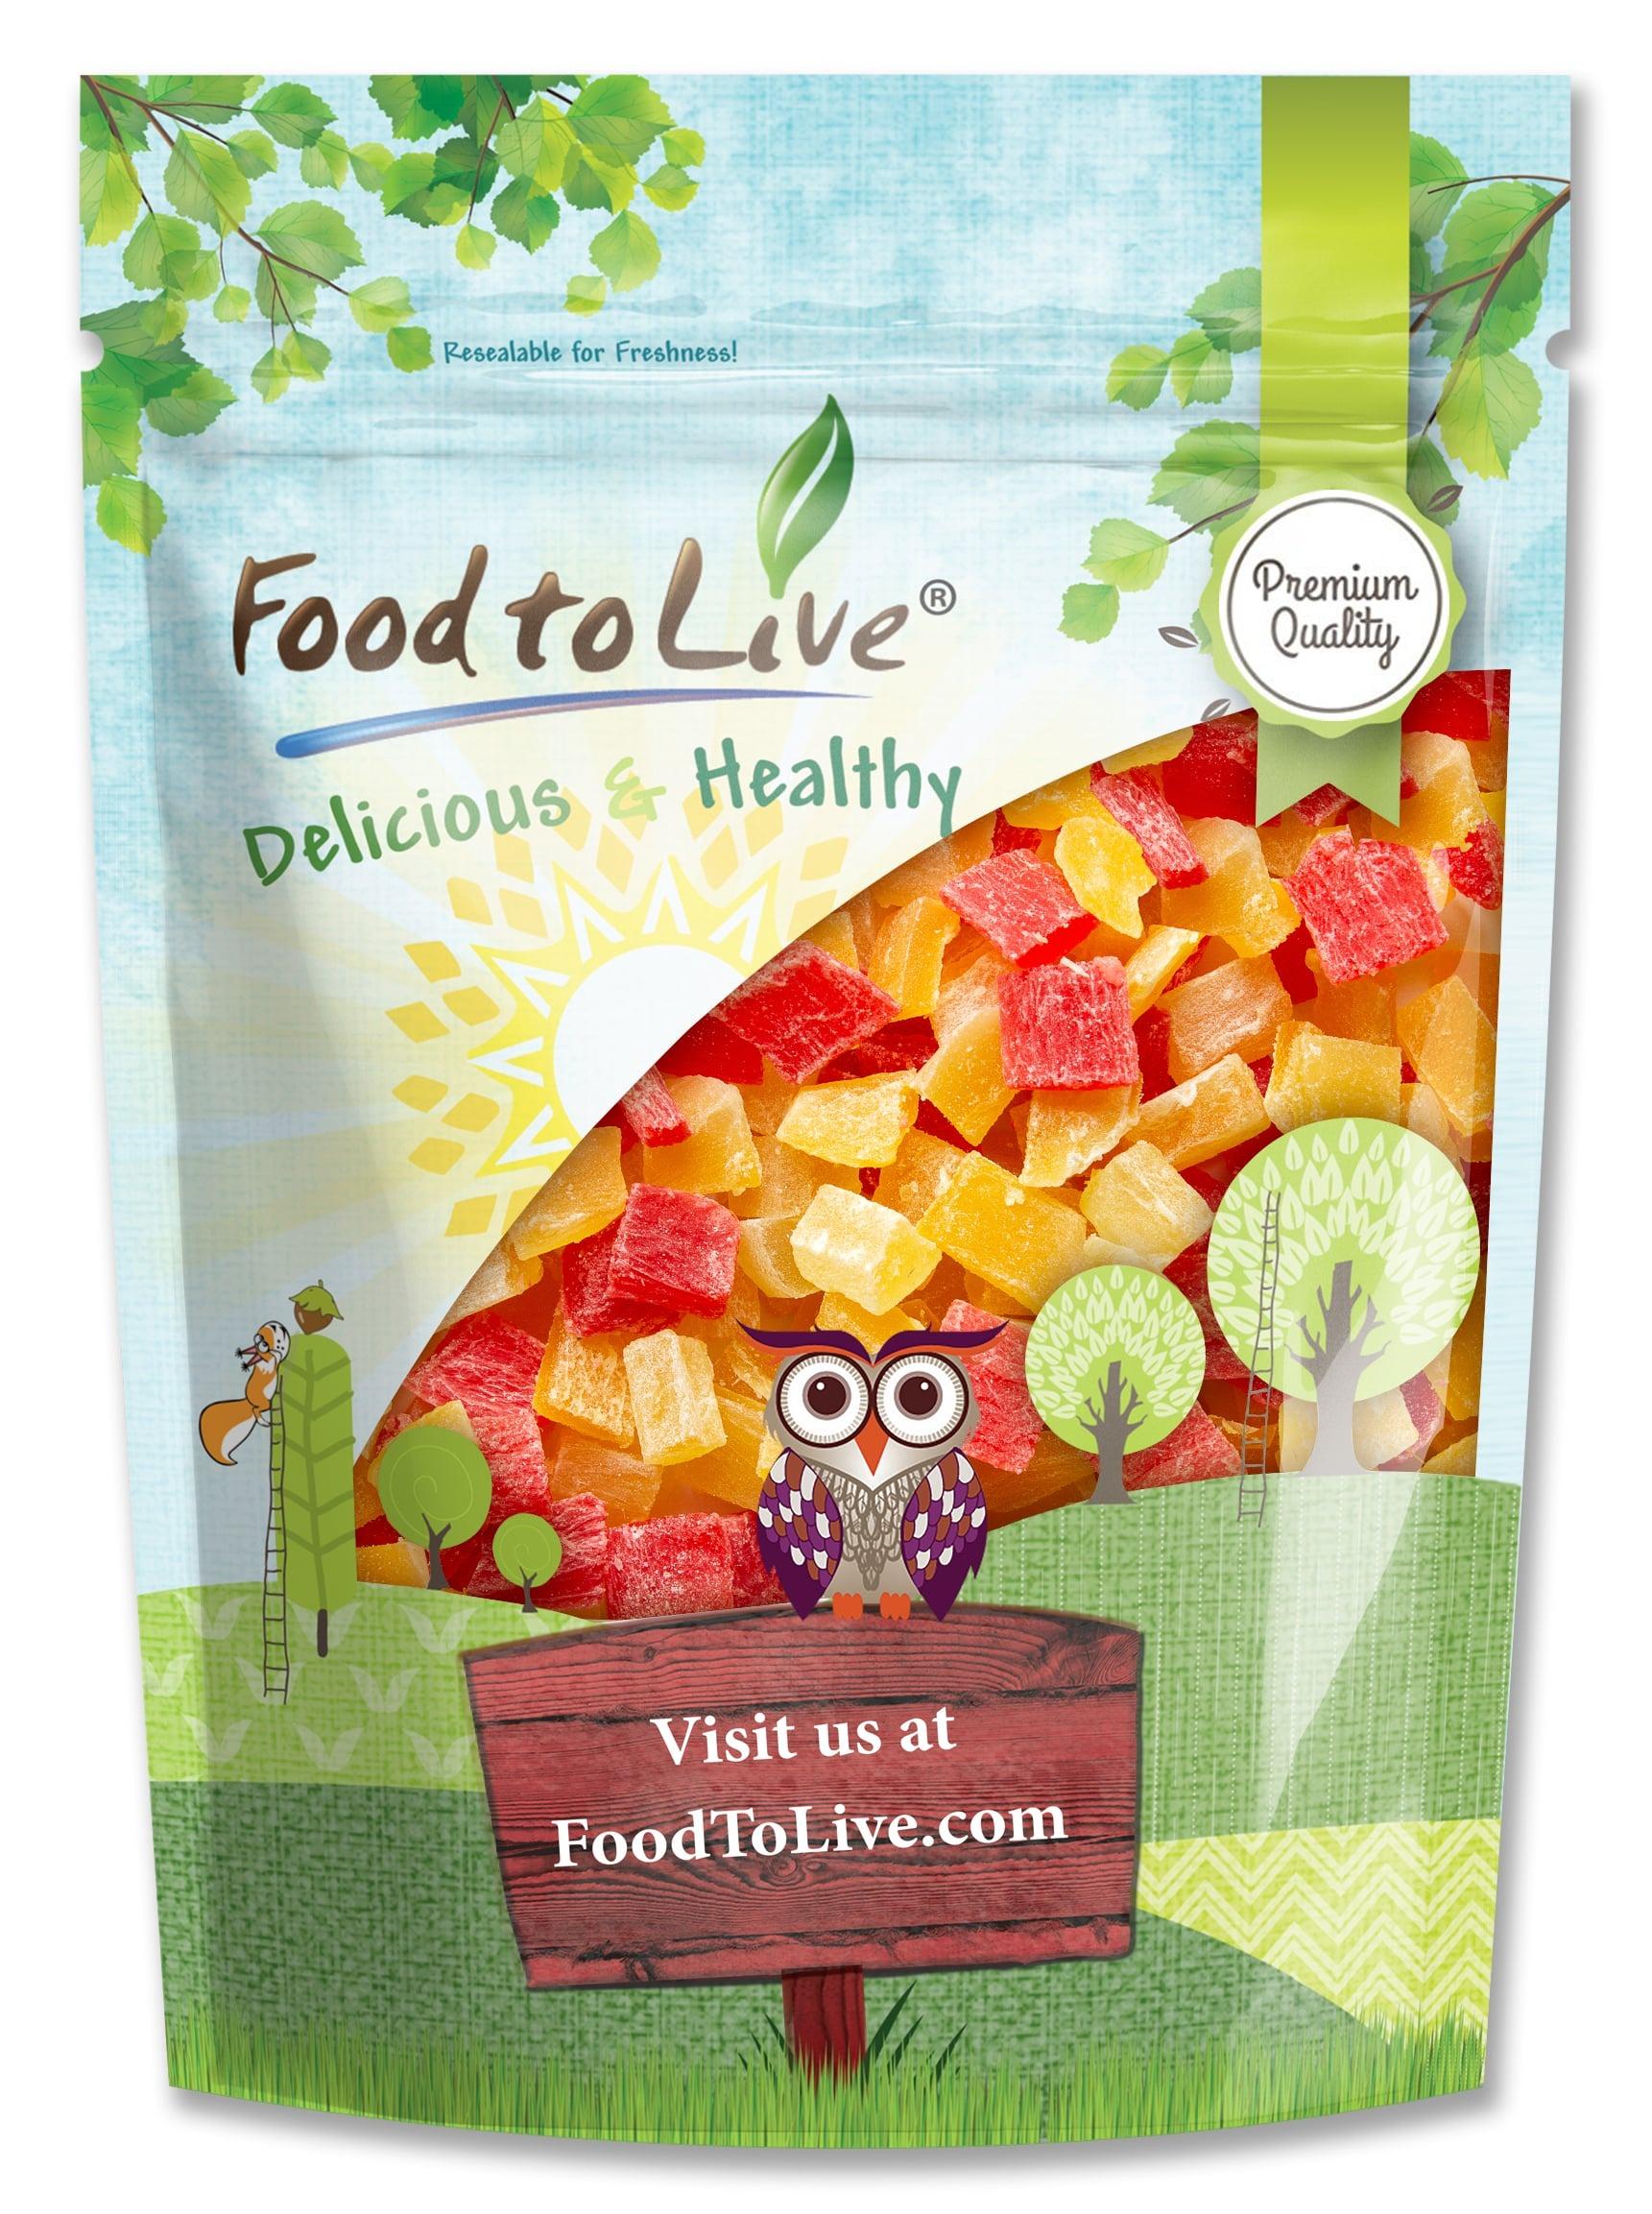 HỖN HỢP TRÁI CÂY XOÀI, DỨA, ĐU ĐỦ SẤY KHÔ FOOD TO LIVE DICED FRUITS MIX